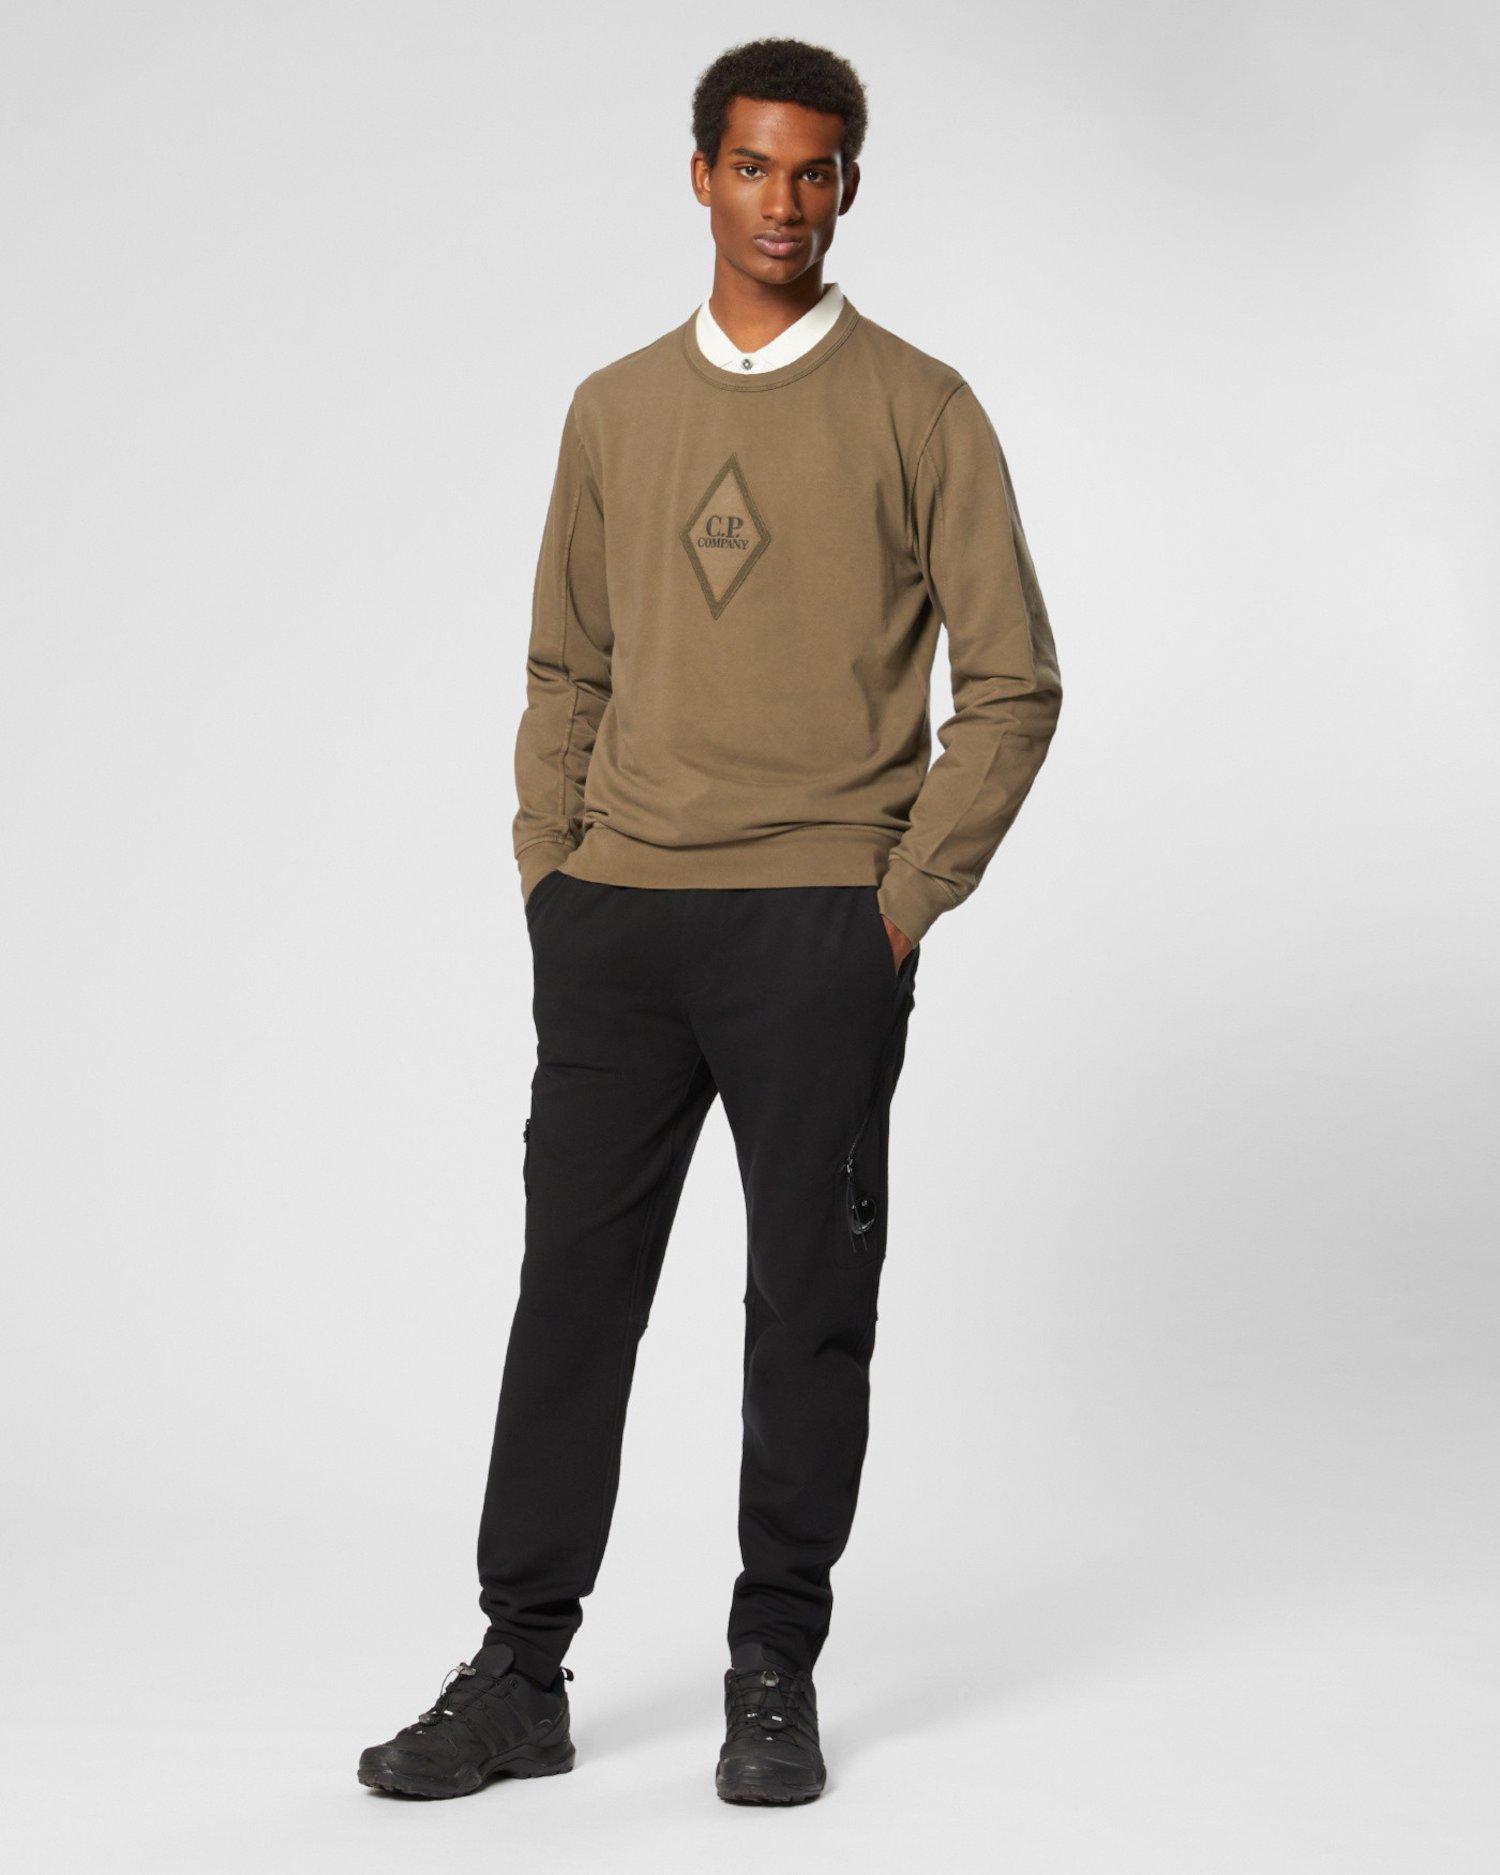 Stückgefärbter Pullover aus leichtem Fleece mit Logo